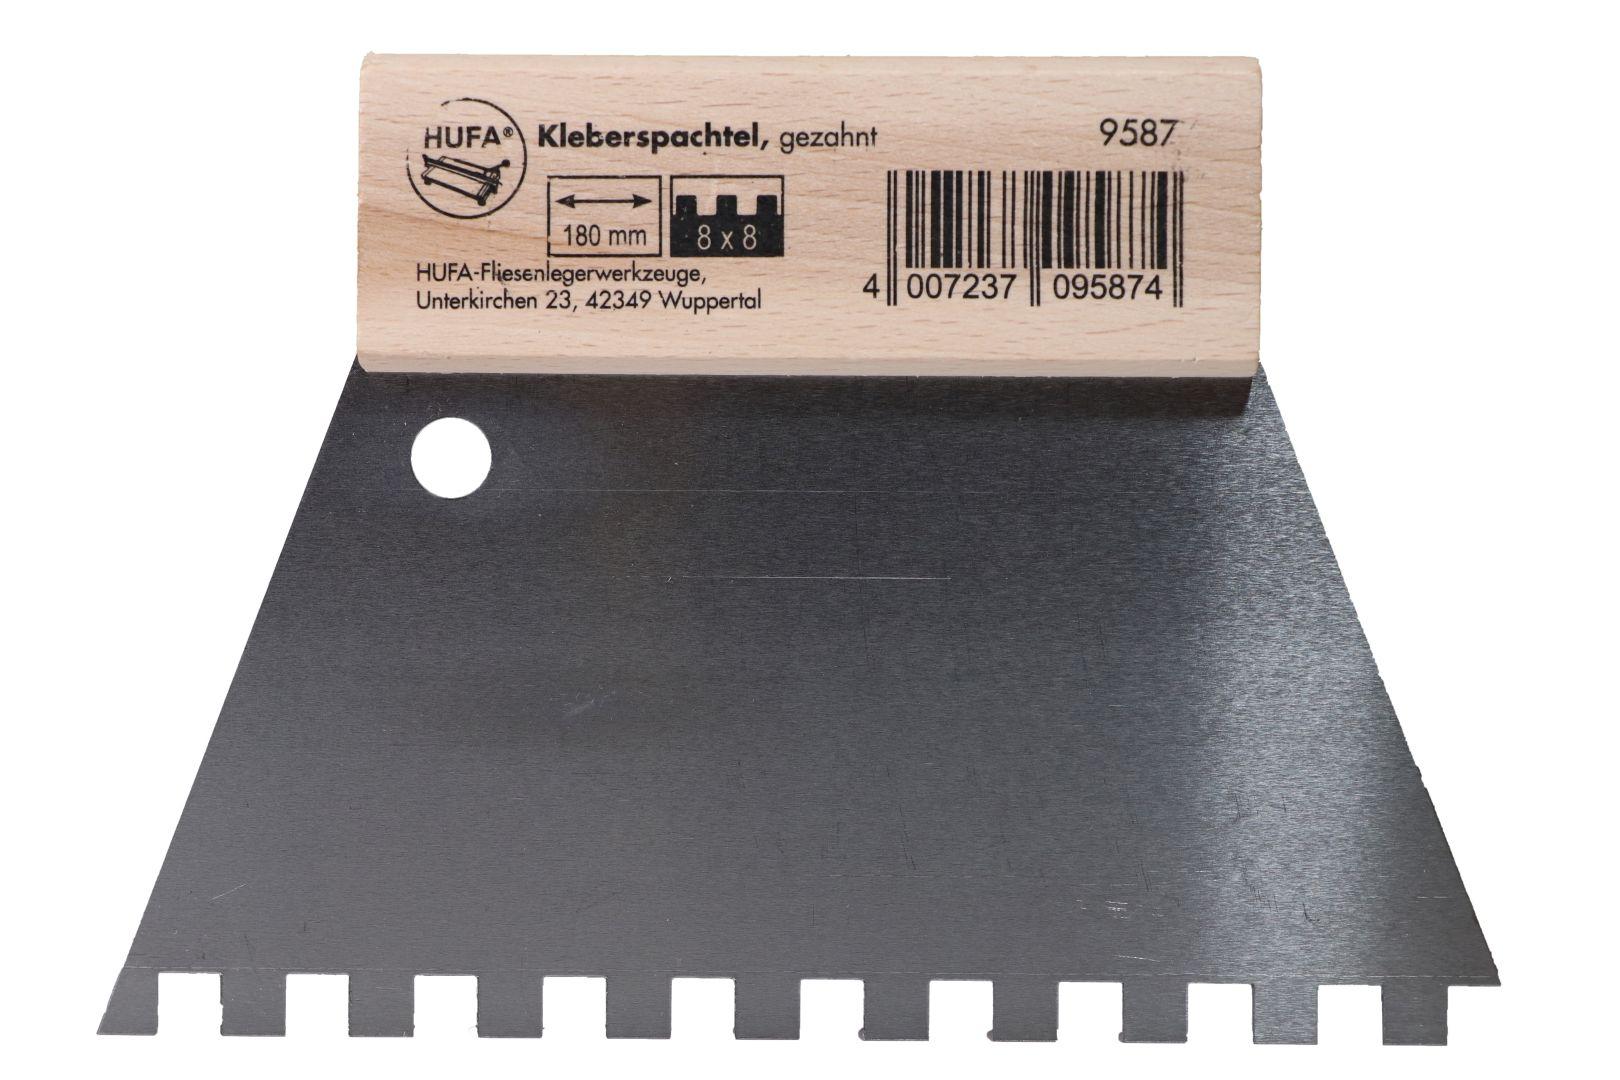 HUFA Leimspachtel, Klebespachtel, Kleberspachtel, Blattbreite 180 mm, Zahnung 8 x 8 mm